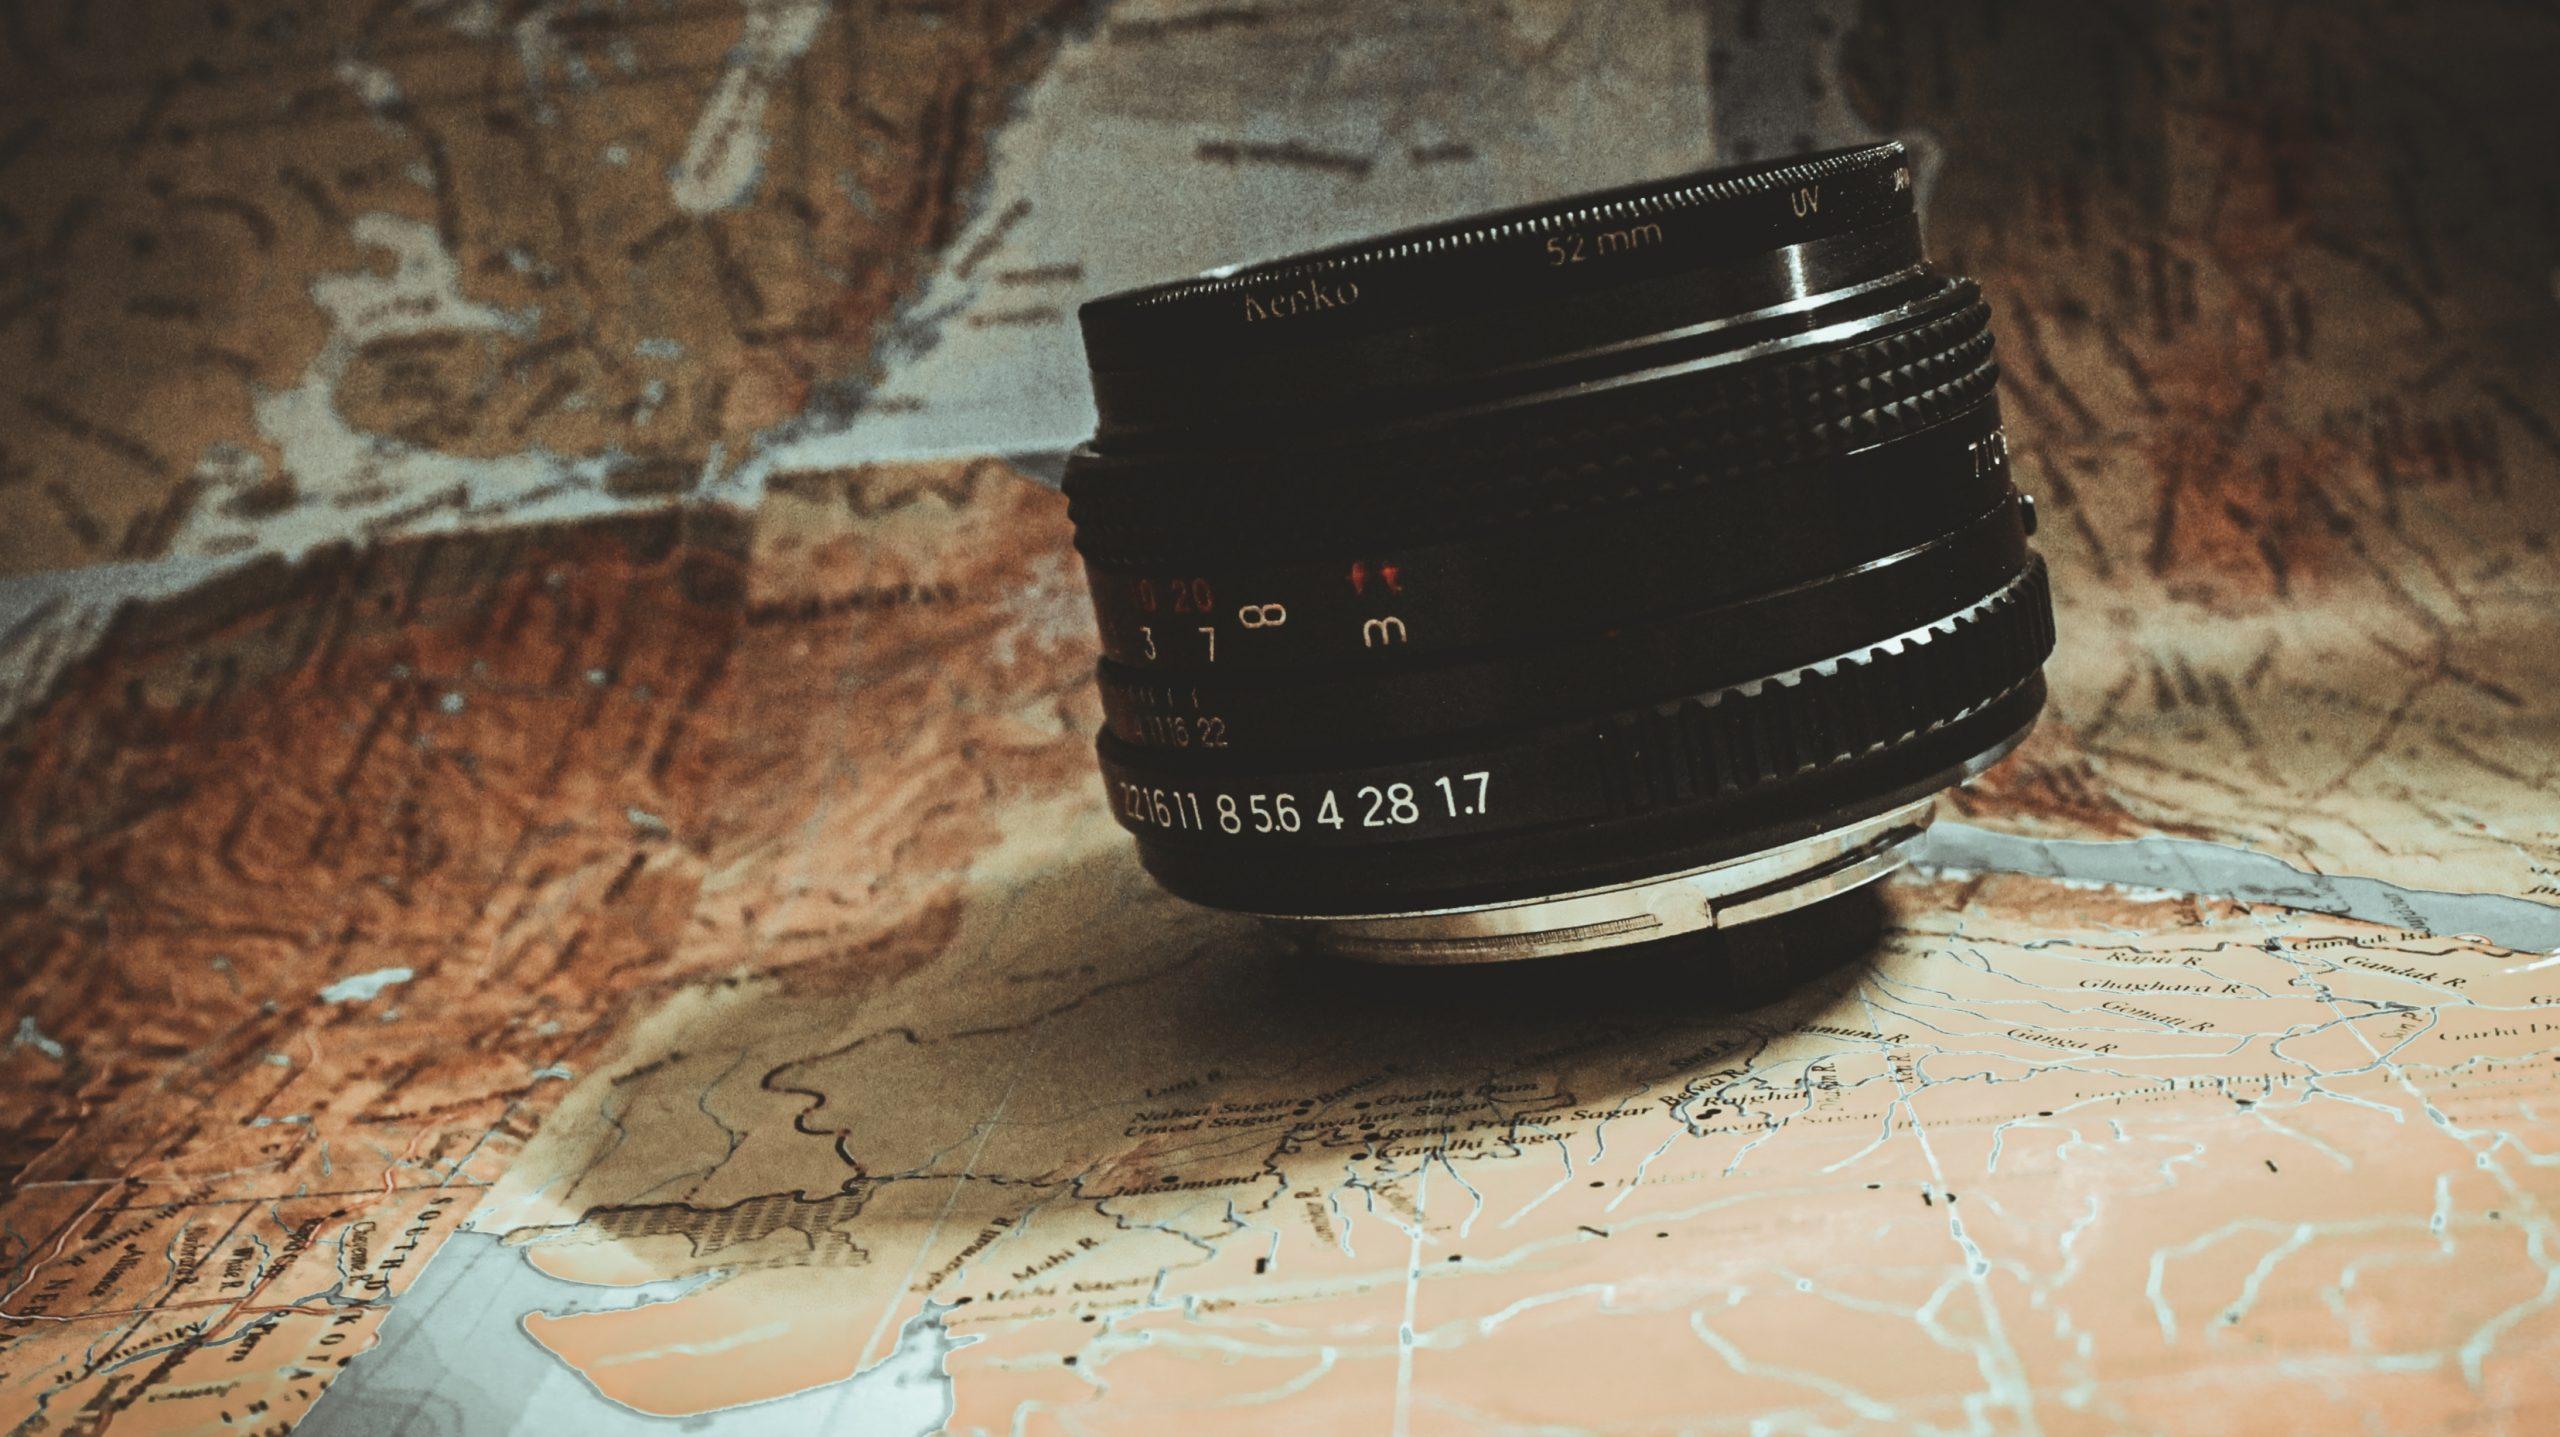 Lens of a camera